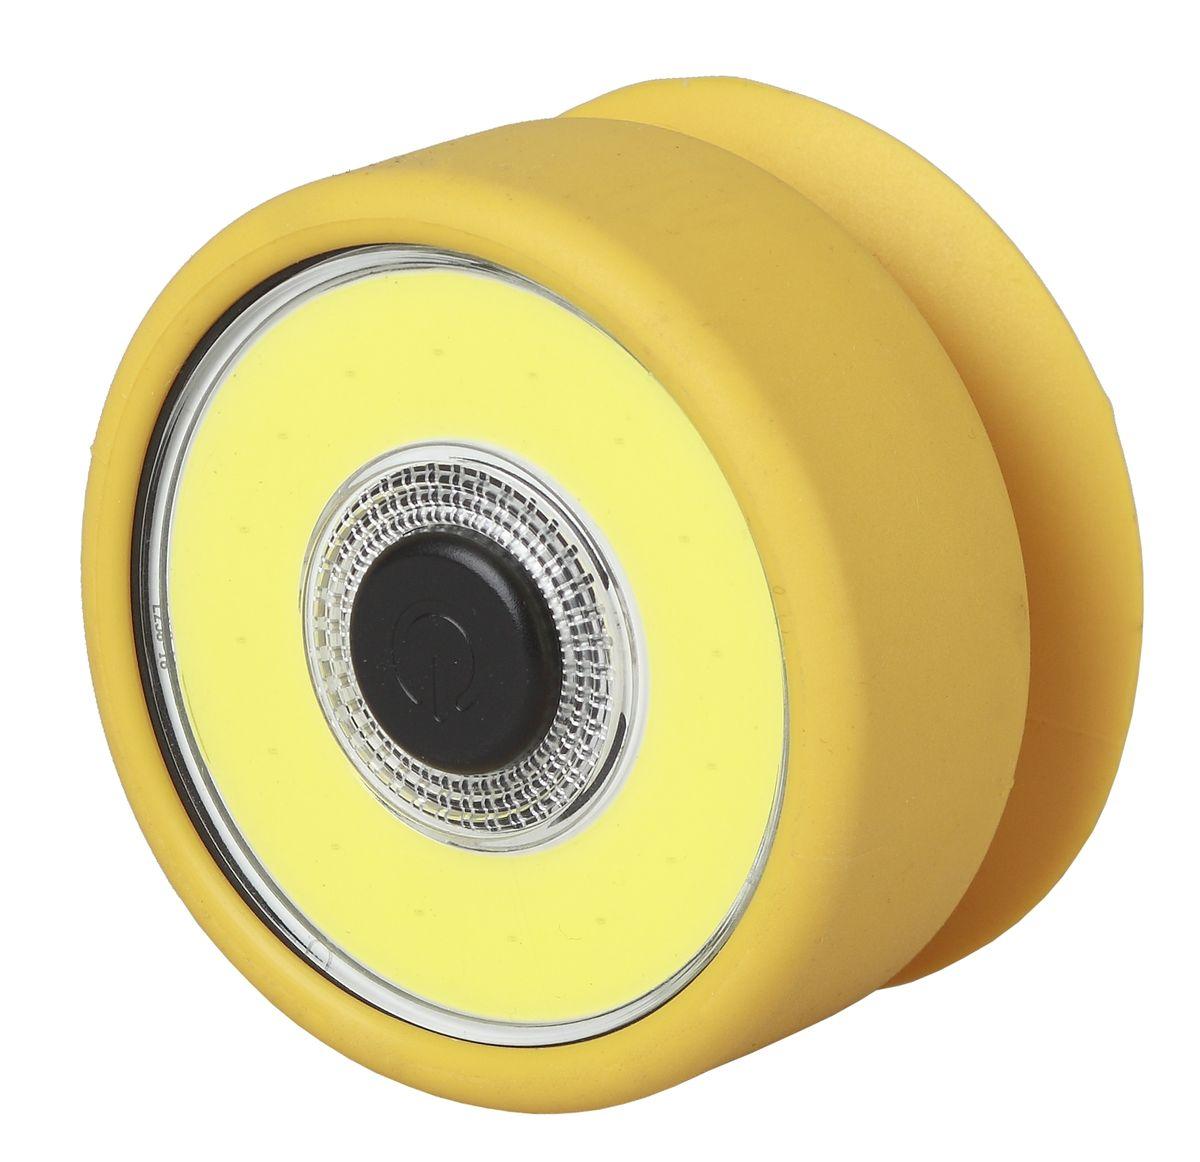 Фонарь ручной Эра Практик, 5 Вт COB, с присоскойKOC2028LEDРабочий батареечный фонарь Эра Практик имеет следующие характеристики: 5 Вт COB диодРезиновый корпус и присоска3 х ААА (в комплект не входят).